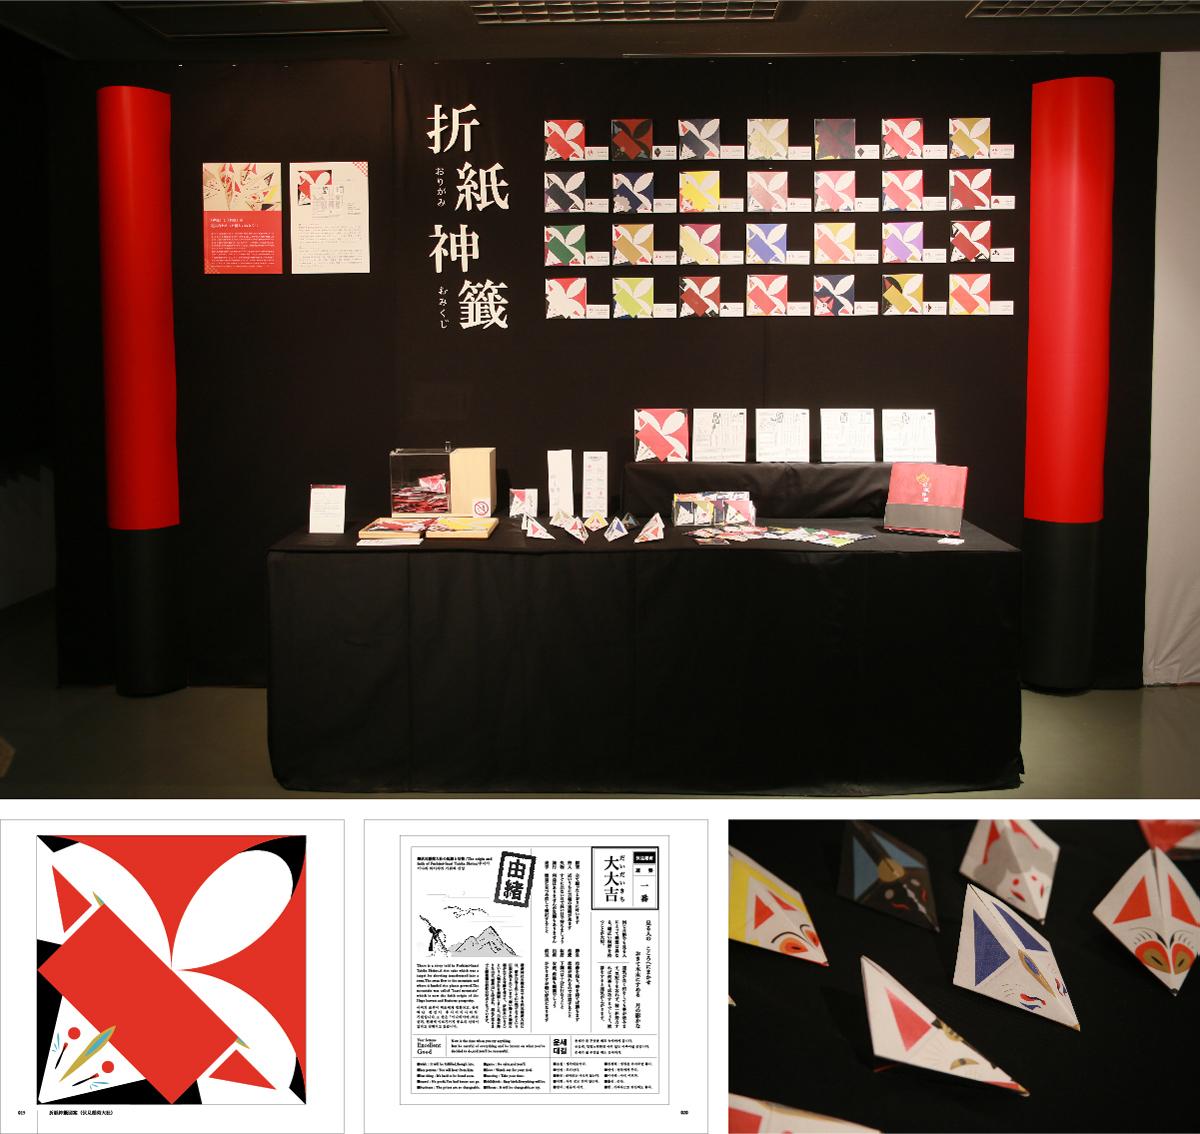 [上田 佳奈] 『稲荷折紙神籤 おみくじで伝える神社の由緒とマナー』